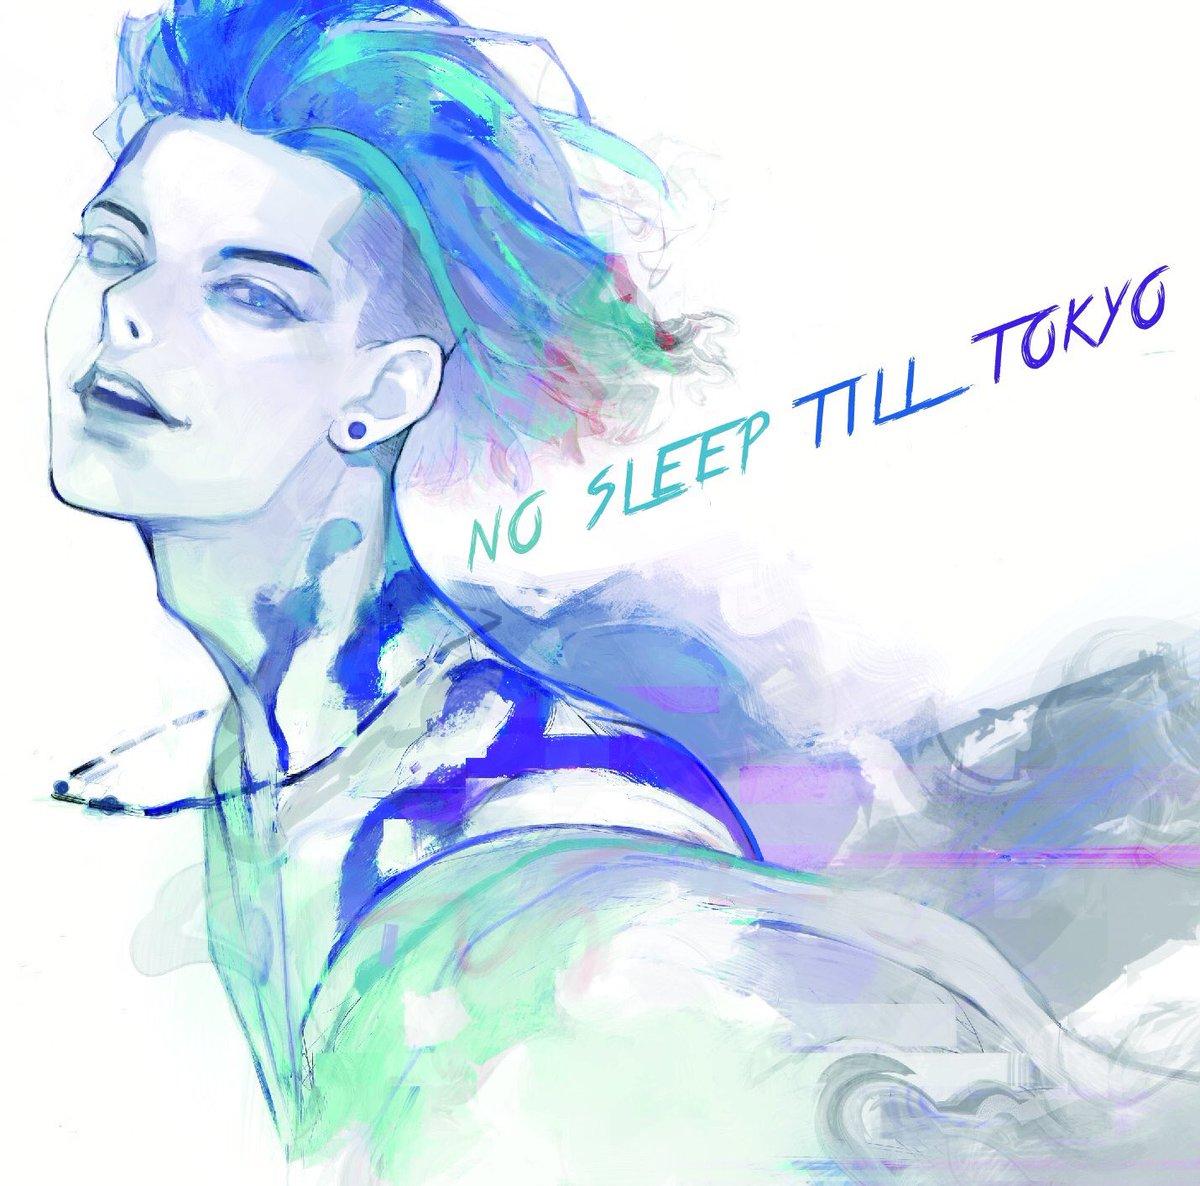 NO SLEEP TILL TOKYOに関する画像2